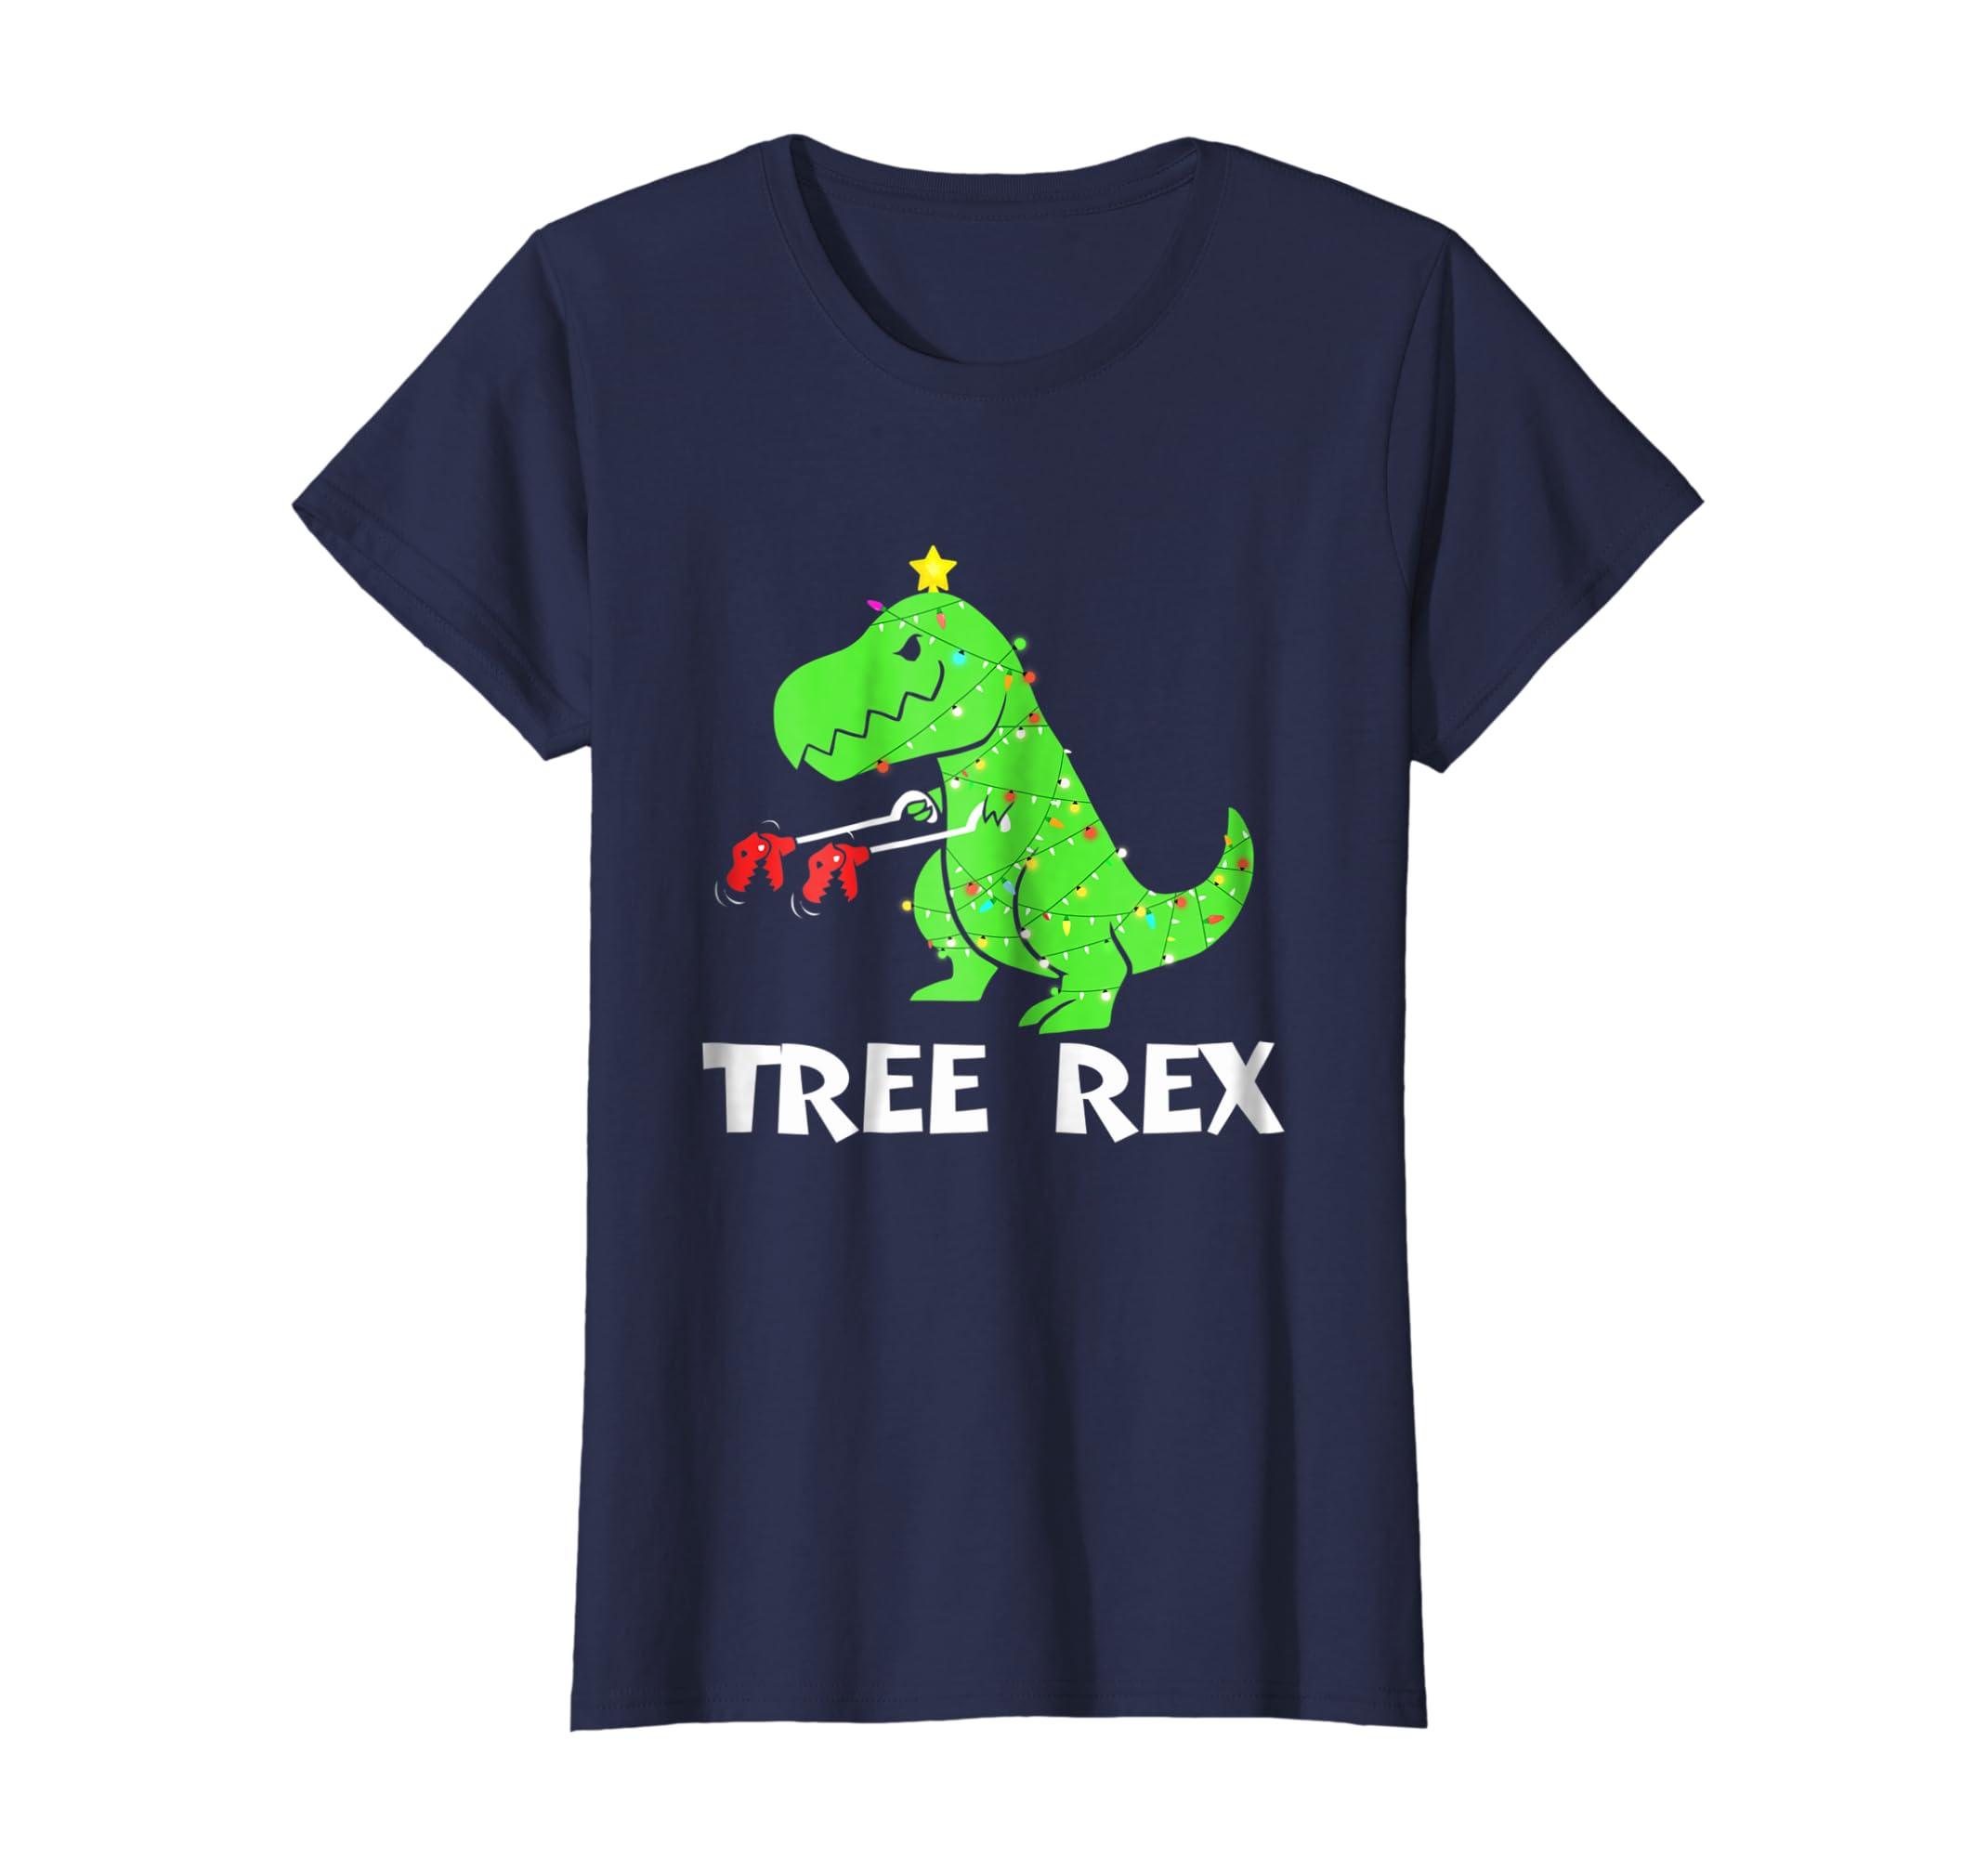 4c06b4dd5 Amazon.com: Tree Rex T-shirt - Funny Christmas Dinosaur T-rex Xmas: Clothing